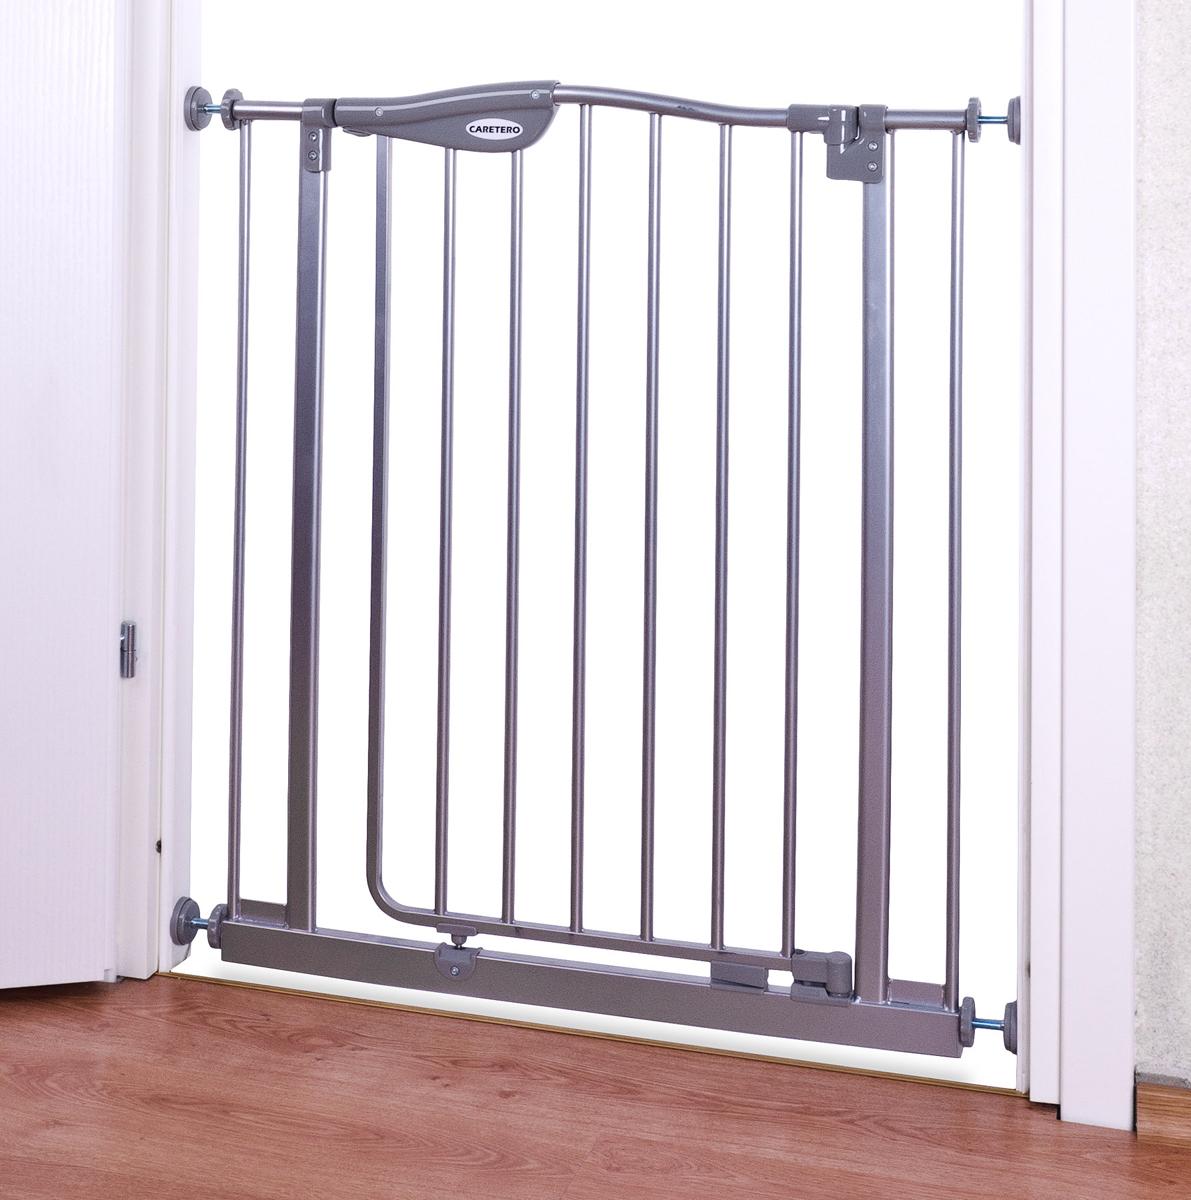 Caretero Дополнительная секция для ворот безопасности 9 см -  Блокирующие и защитные устройства